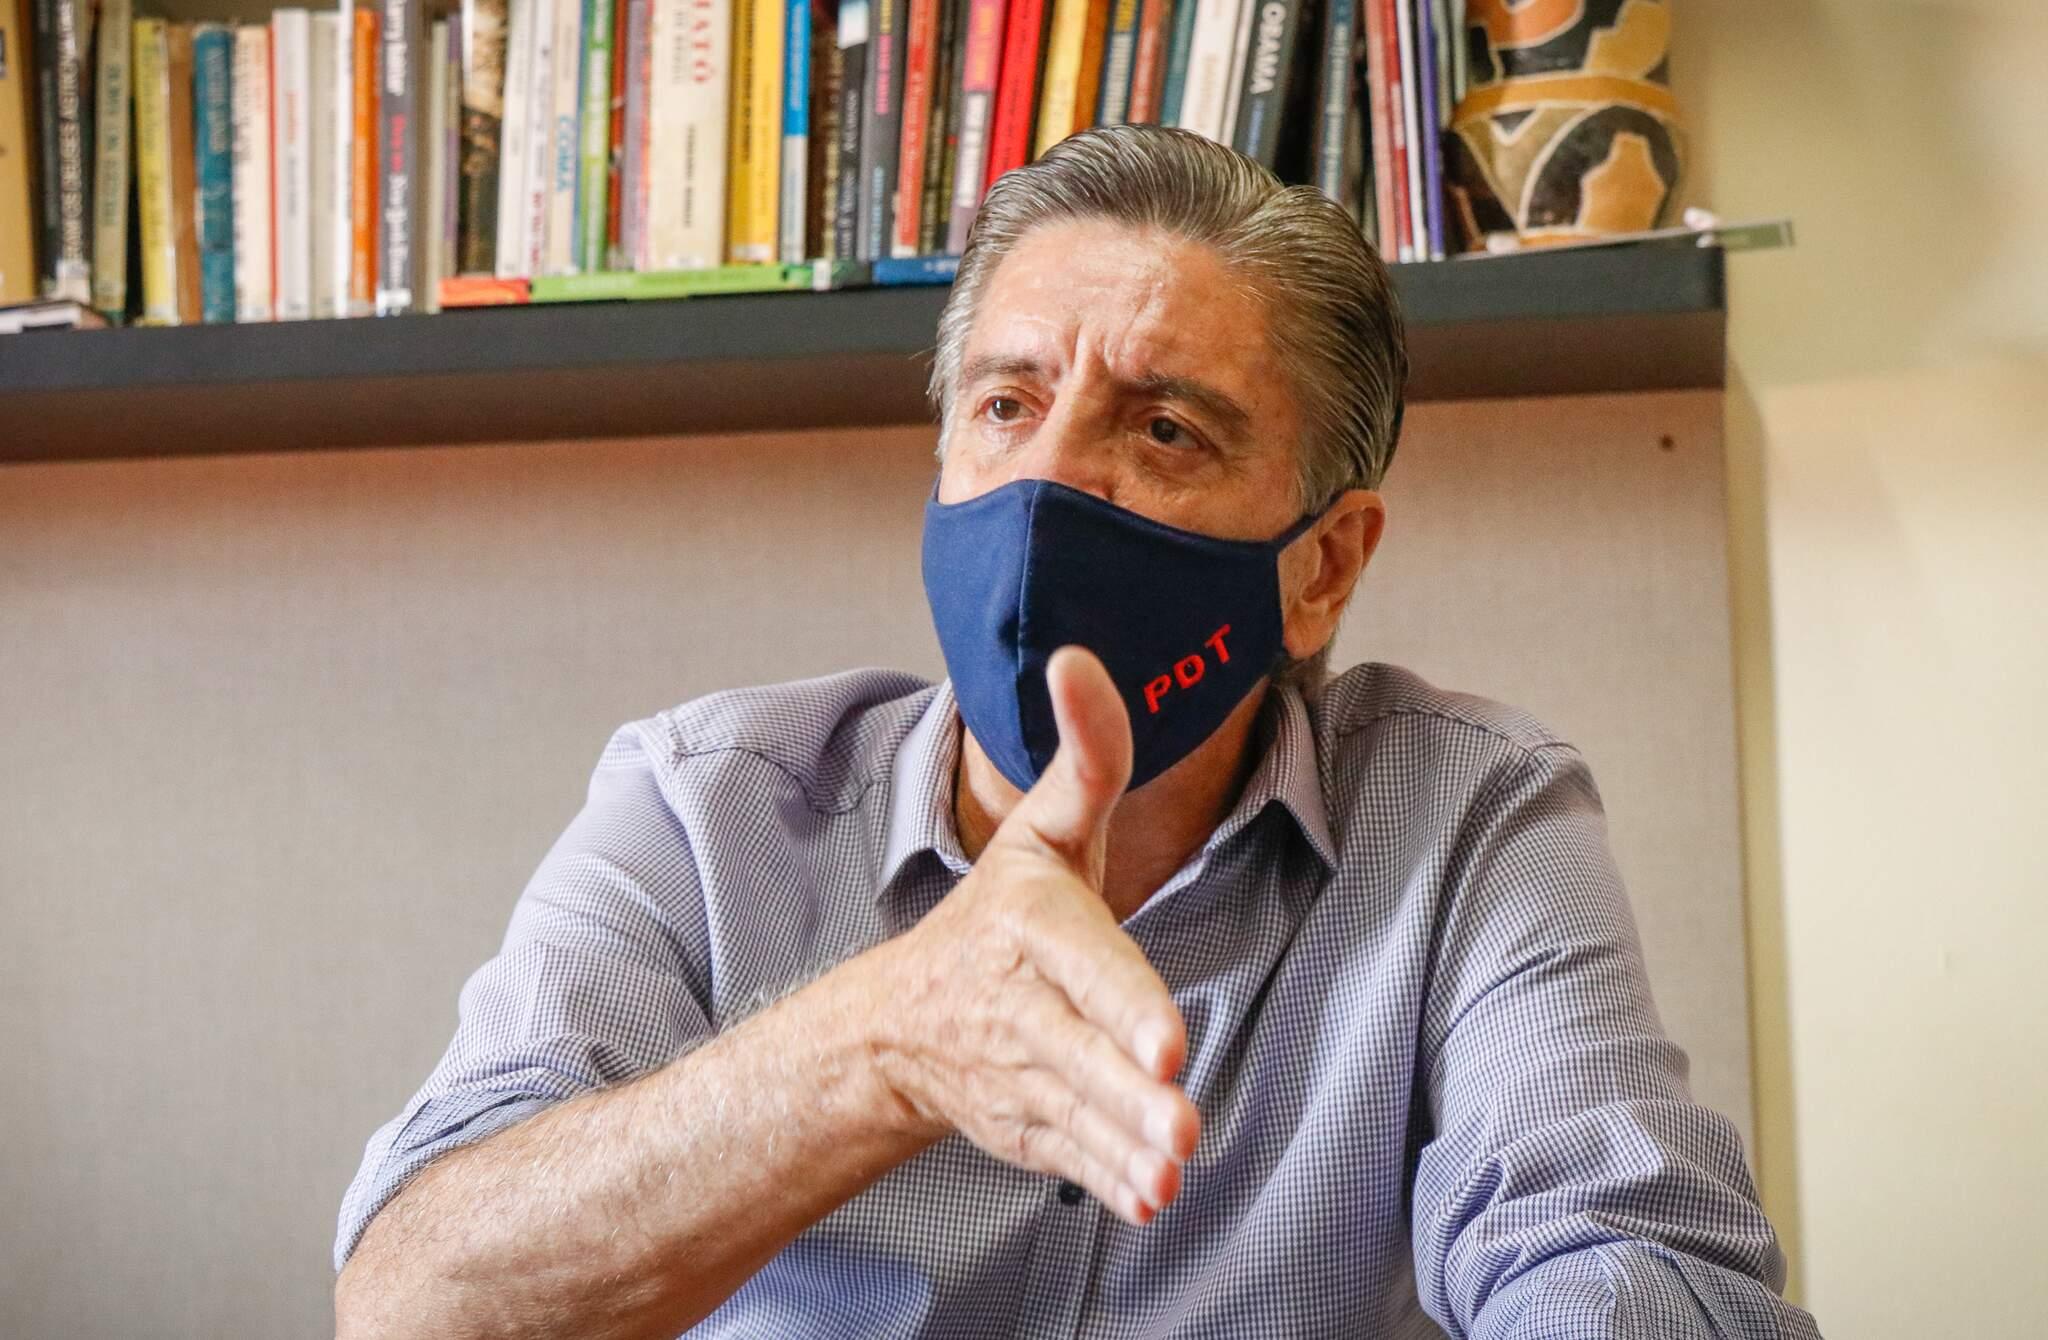 Deputado federal Dagoberto Nogueira em visita ao Campo Grande News nesta segunda-feira. (Foto: Henrique Kawaminami)